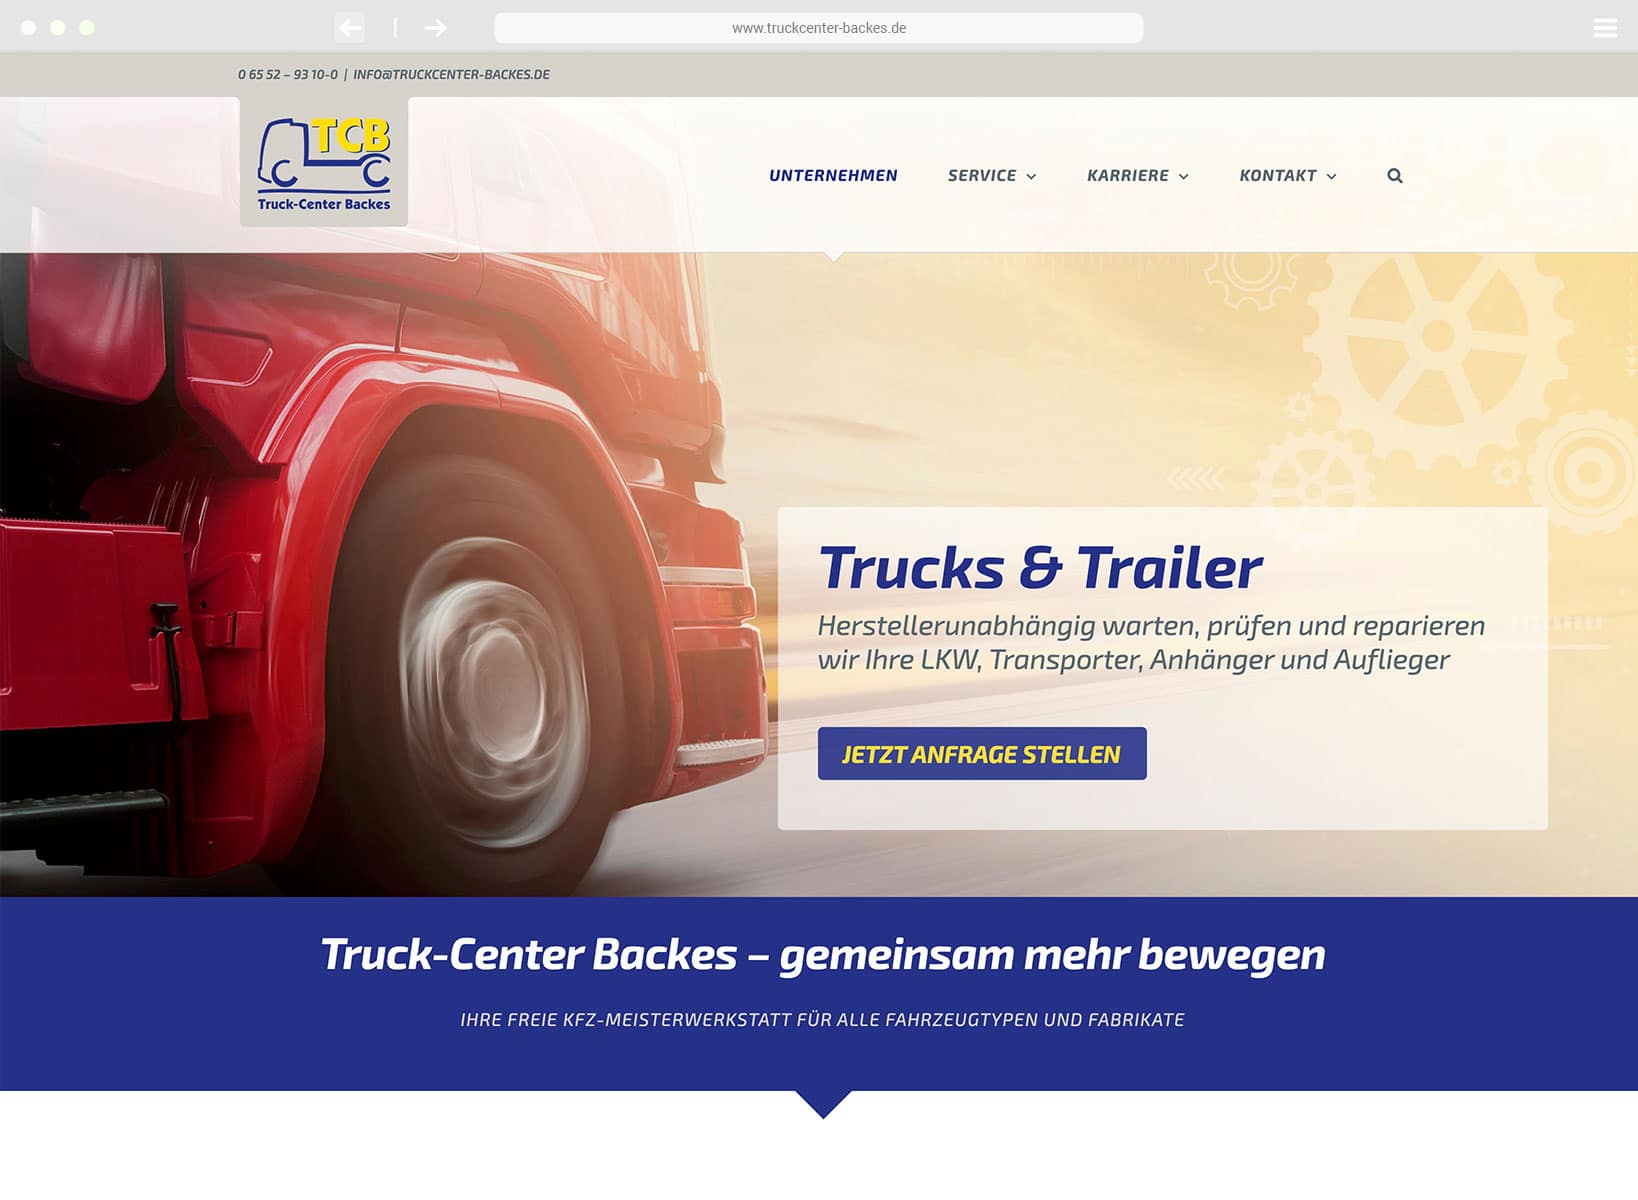 www.truckcenter-backes.de